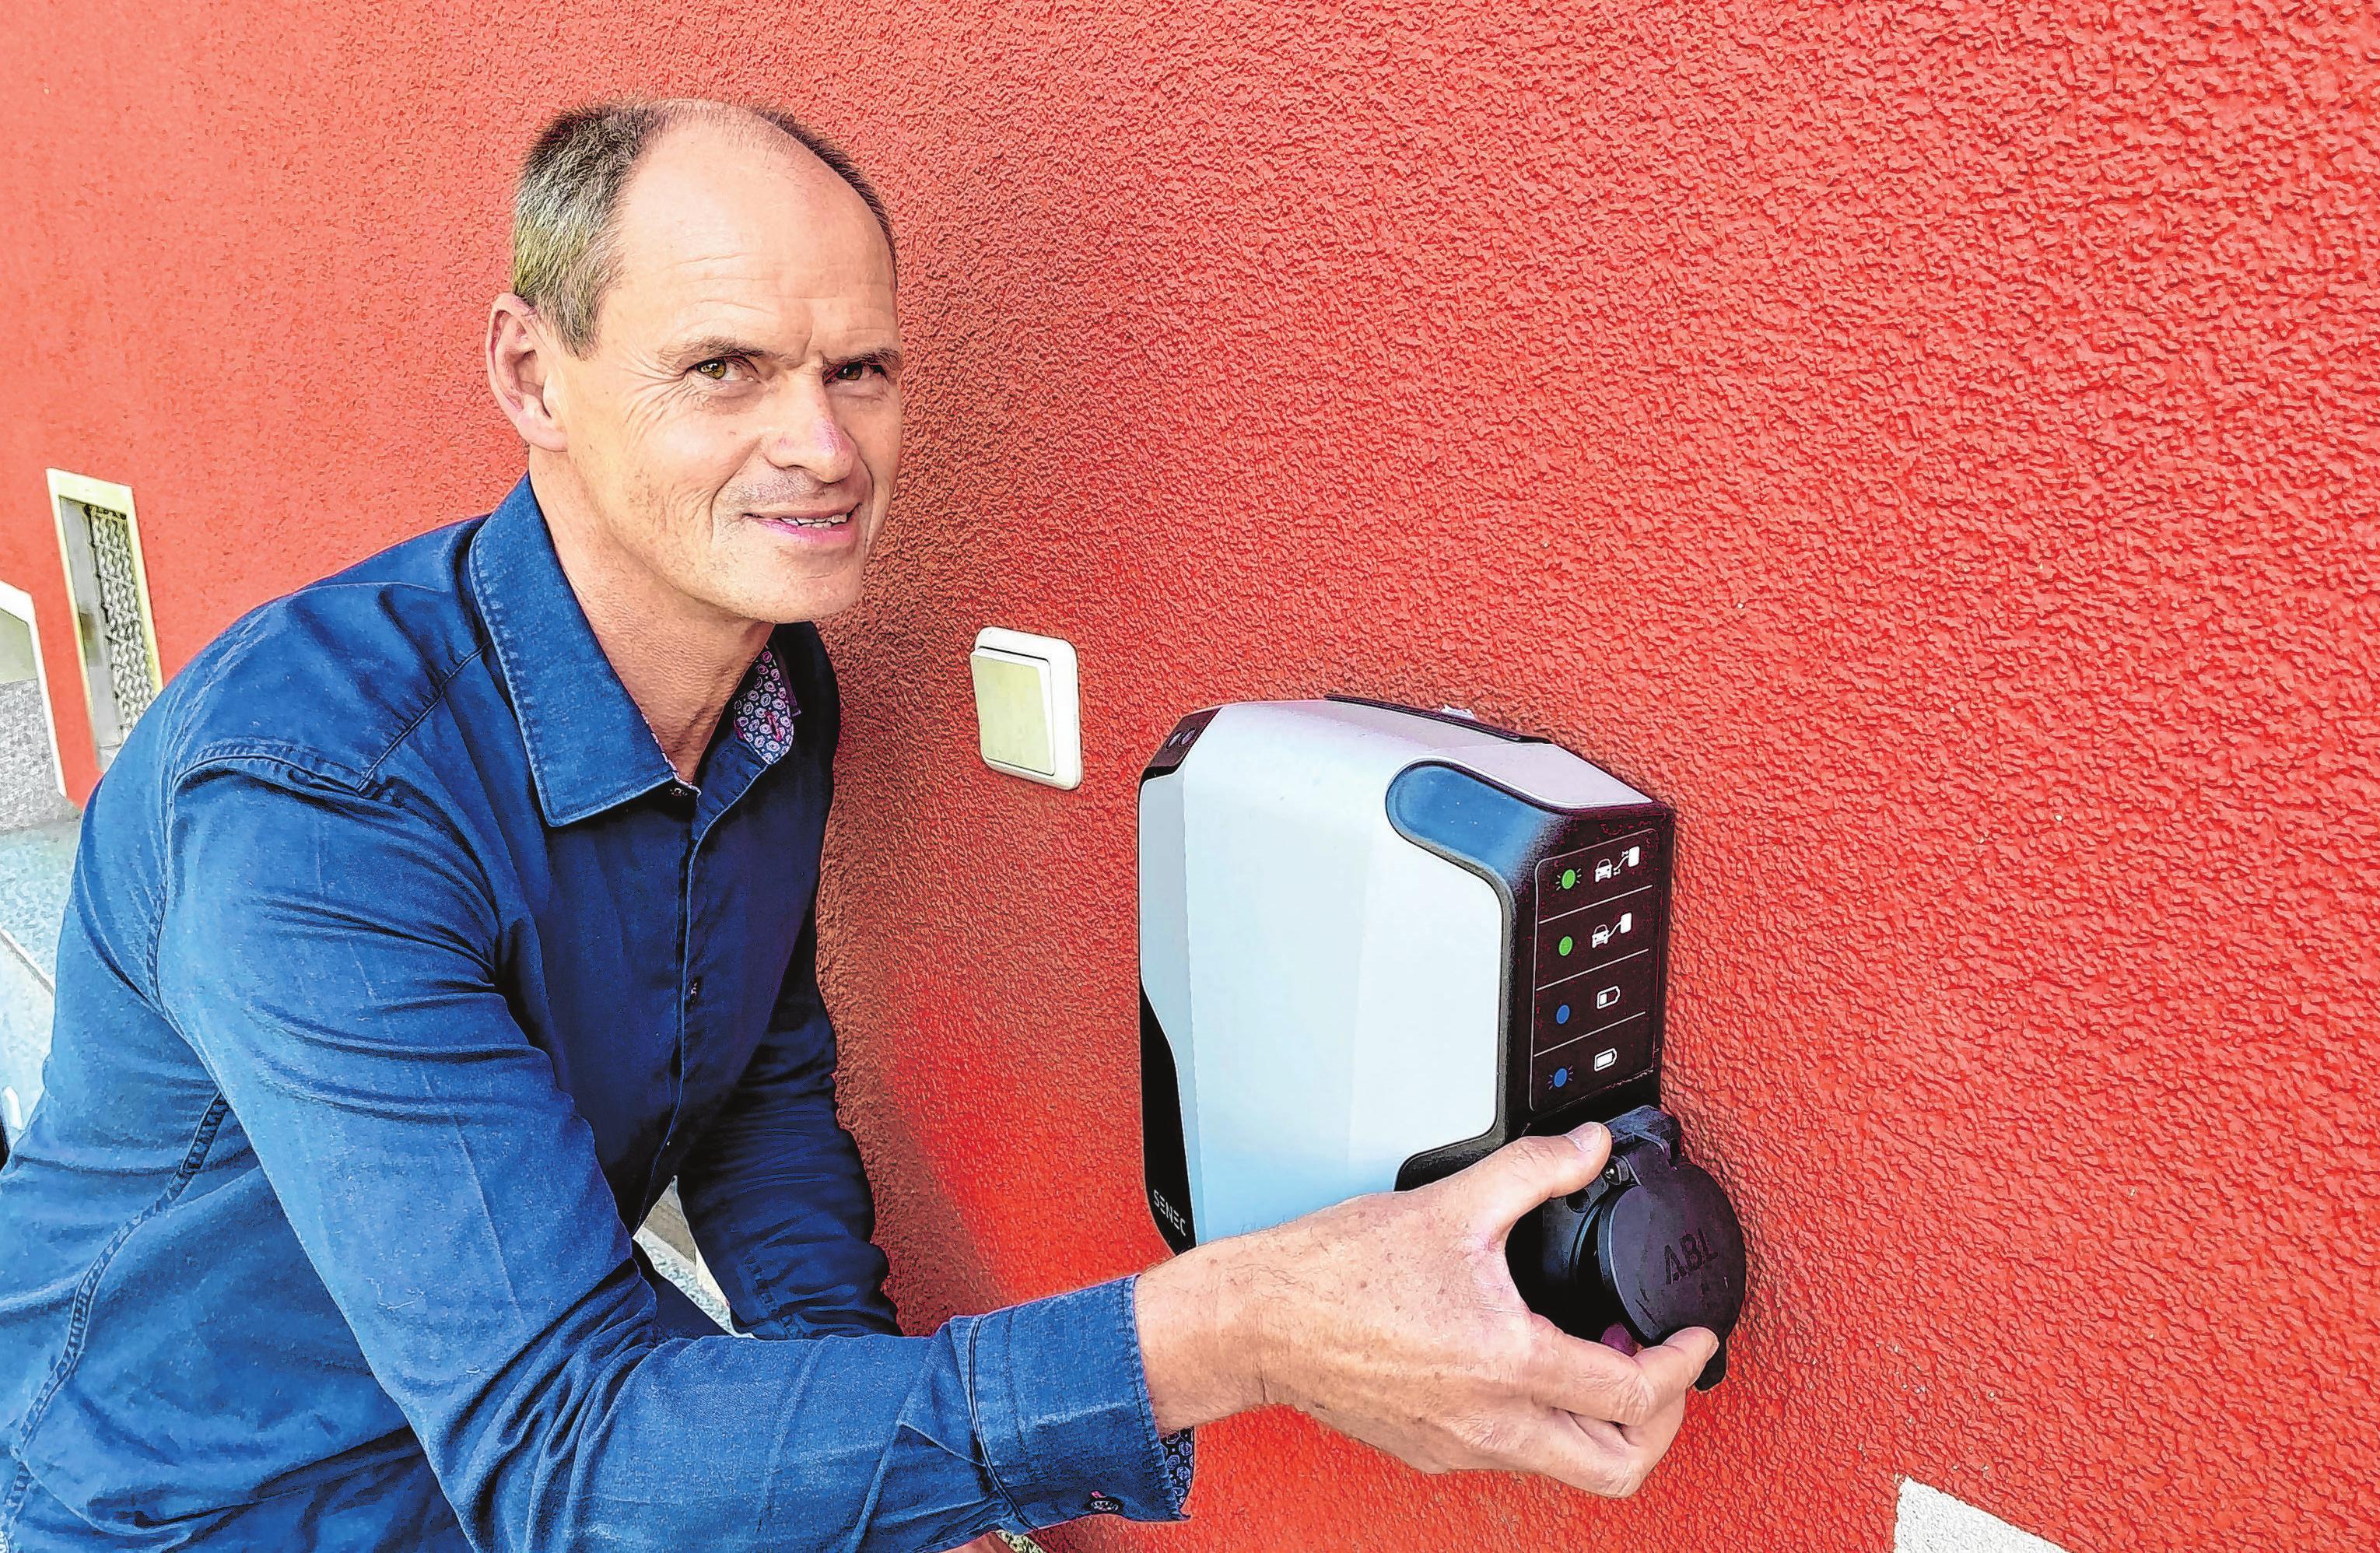 """Rene Pötzsch von den """"Haushandwerkern"""" zeigt eine Wallbox an der Hauswand. Die Zapfstelle für ein E-Auto wird einfach mit einen LAN- und einem Stromkabel mit dem Speicher verbunden. Fotos: Alexander Winkler"""